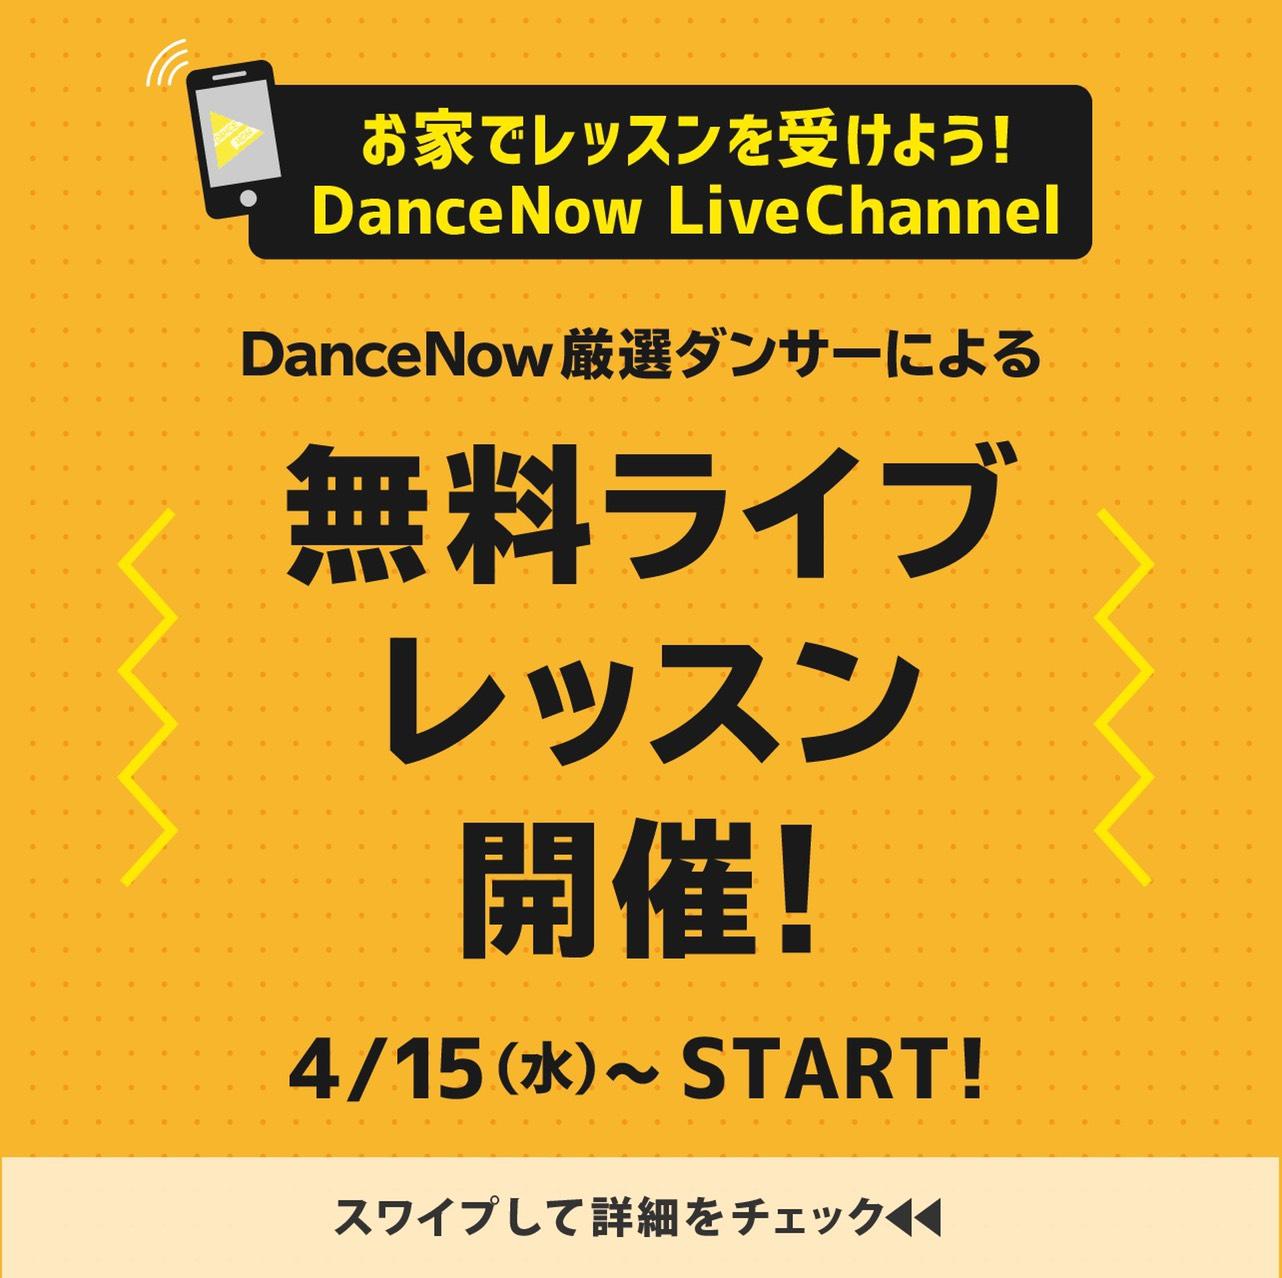 【毎日LIVEレッスンが無料!】DanceNowがトップクラスダンサーたちによるLIVEレッスンを配信中